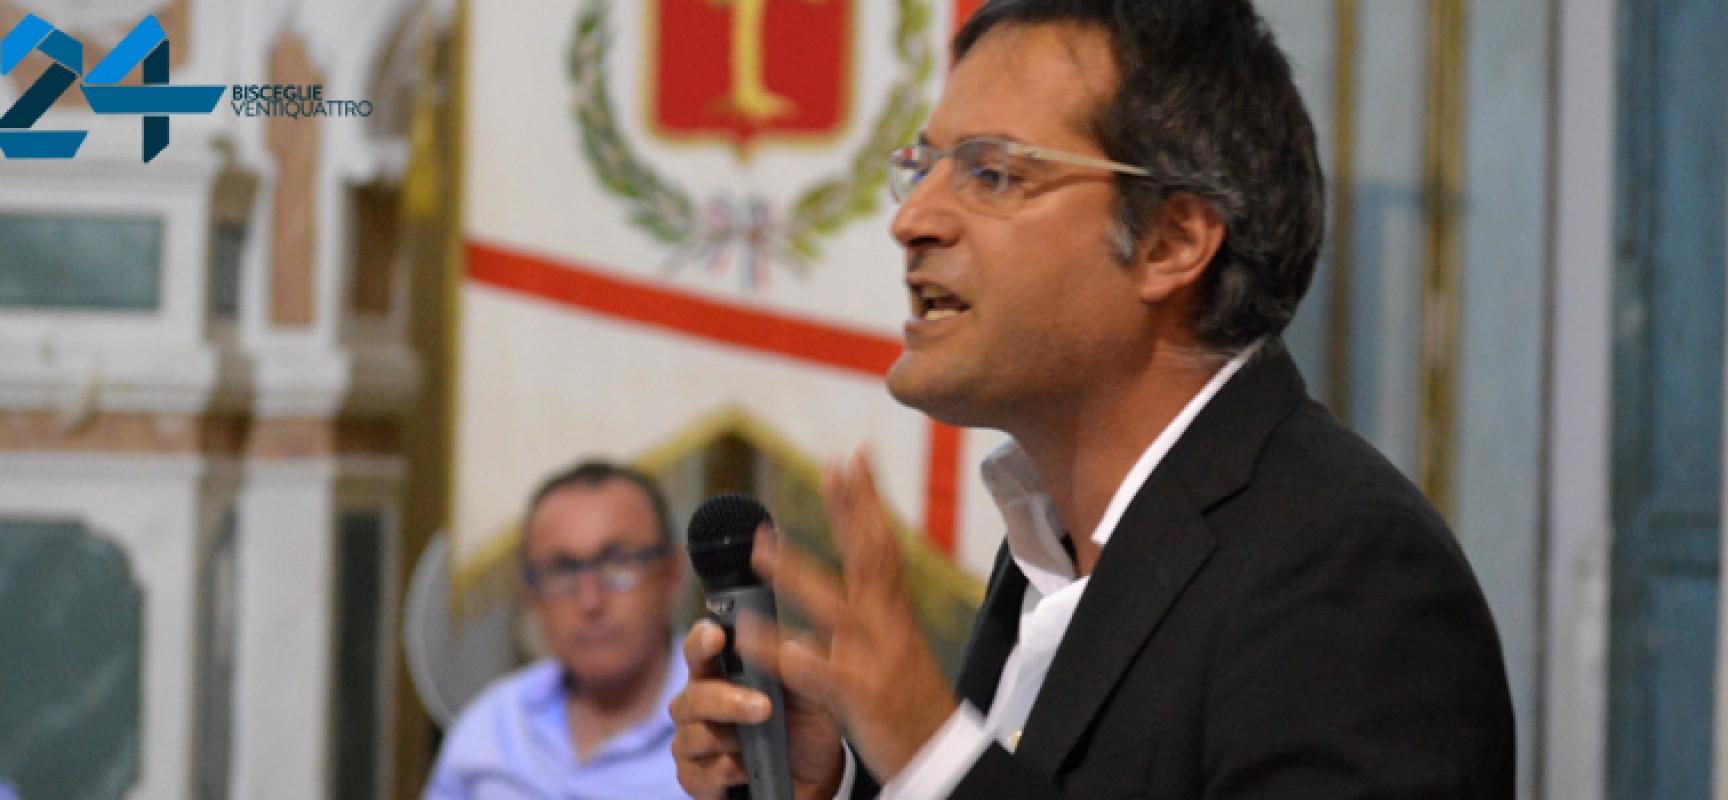 """Spina-Pd, Angarano: """"Il Sindaco pensi alla città e non alle tessere del nostro partito"""""""